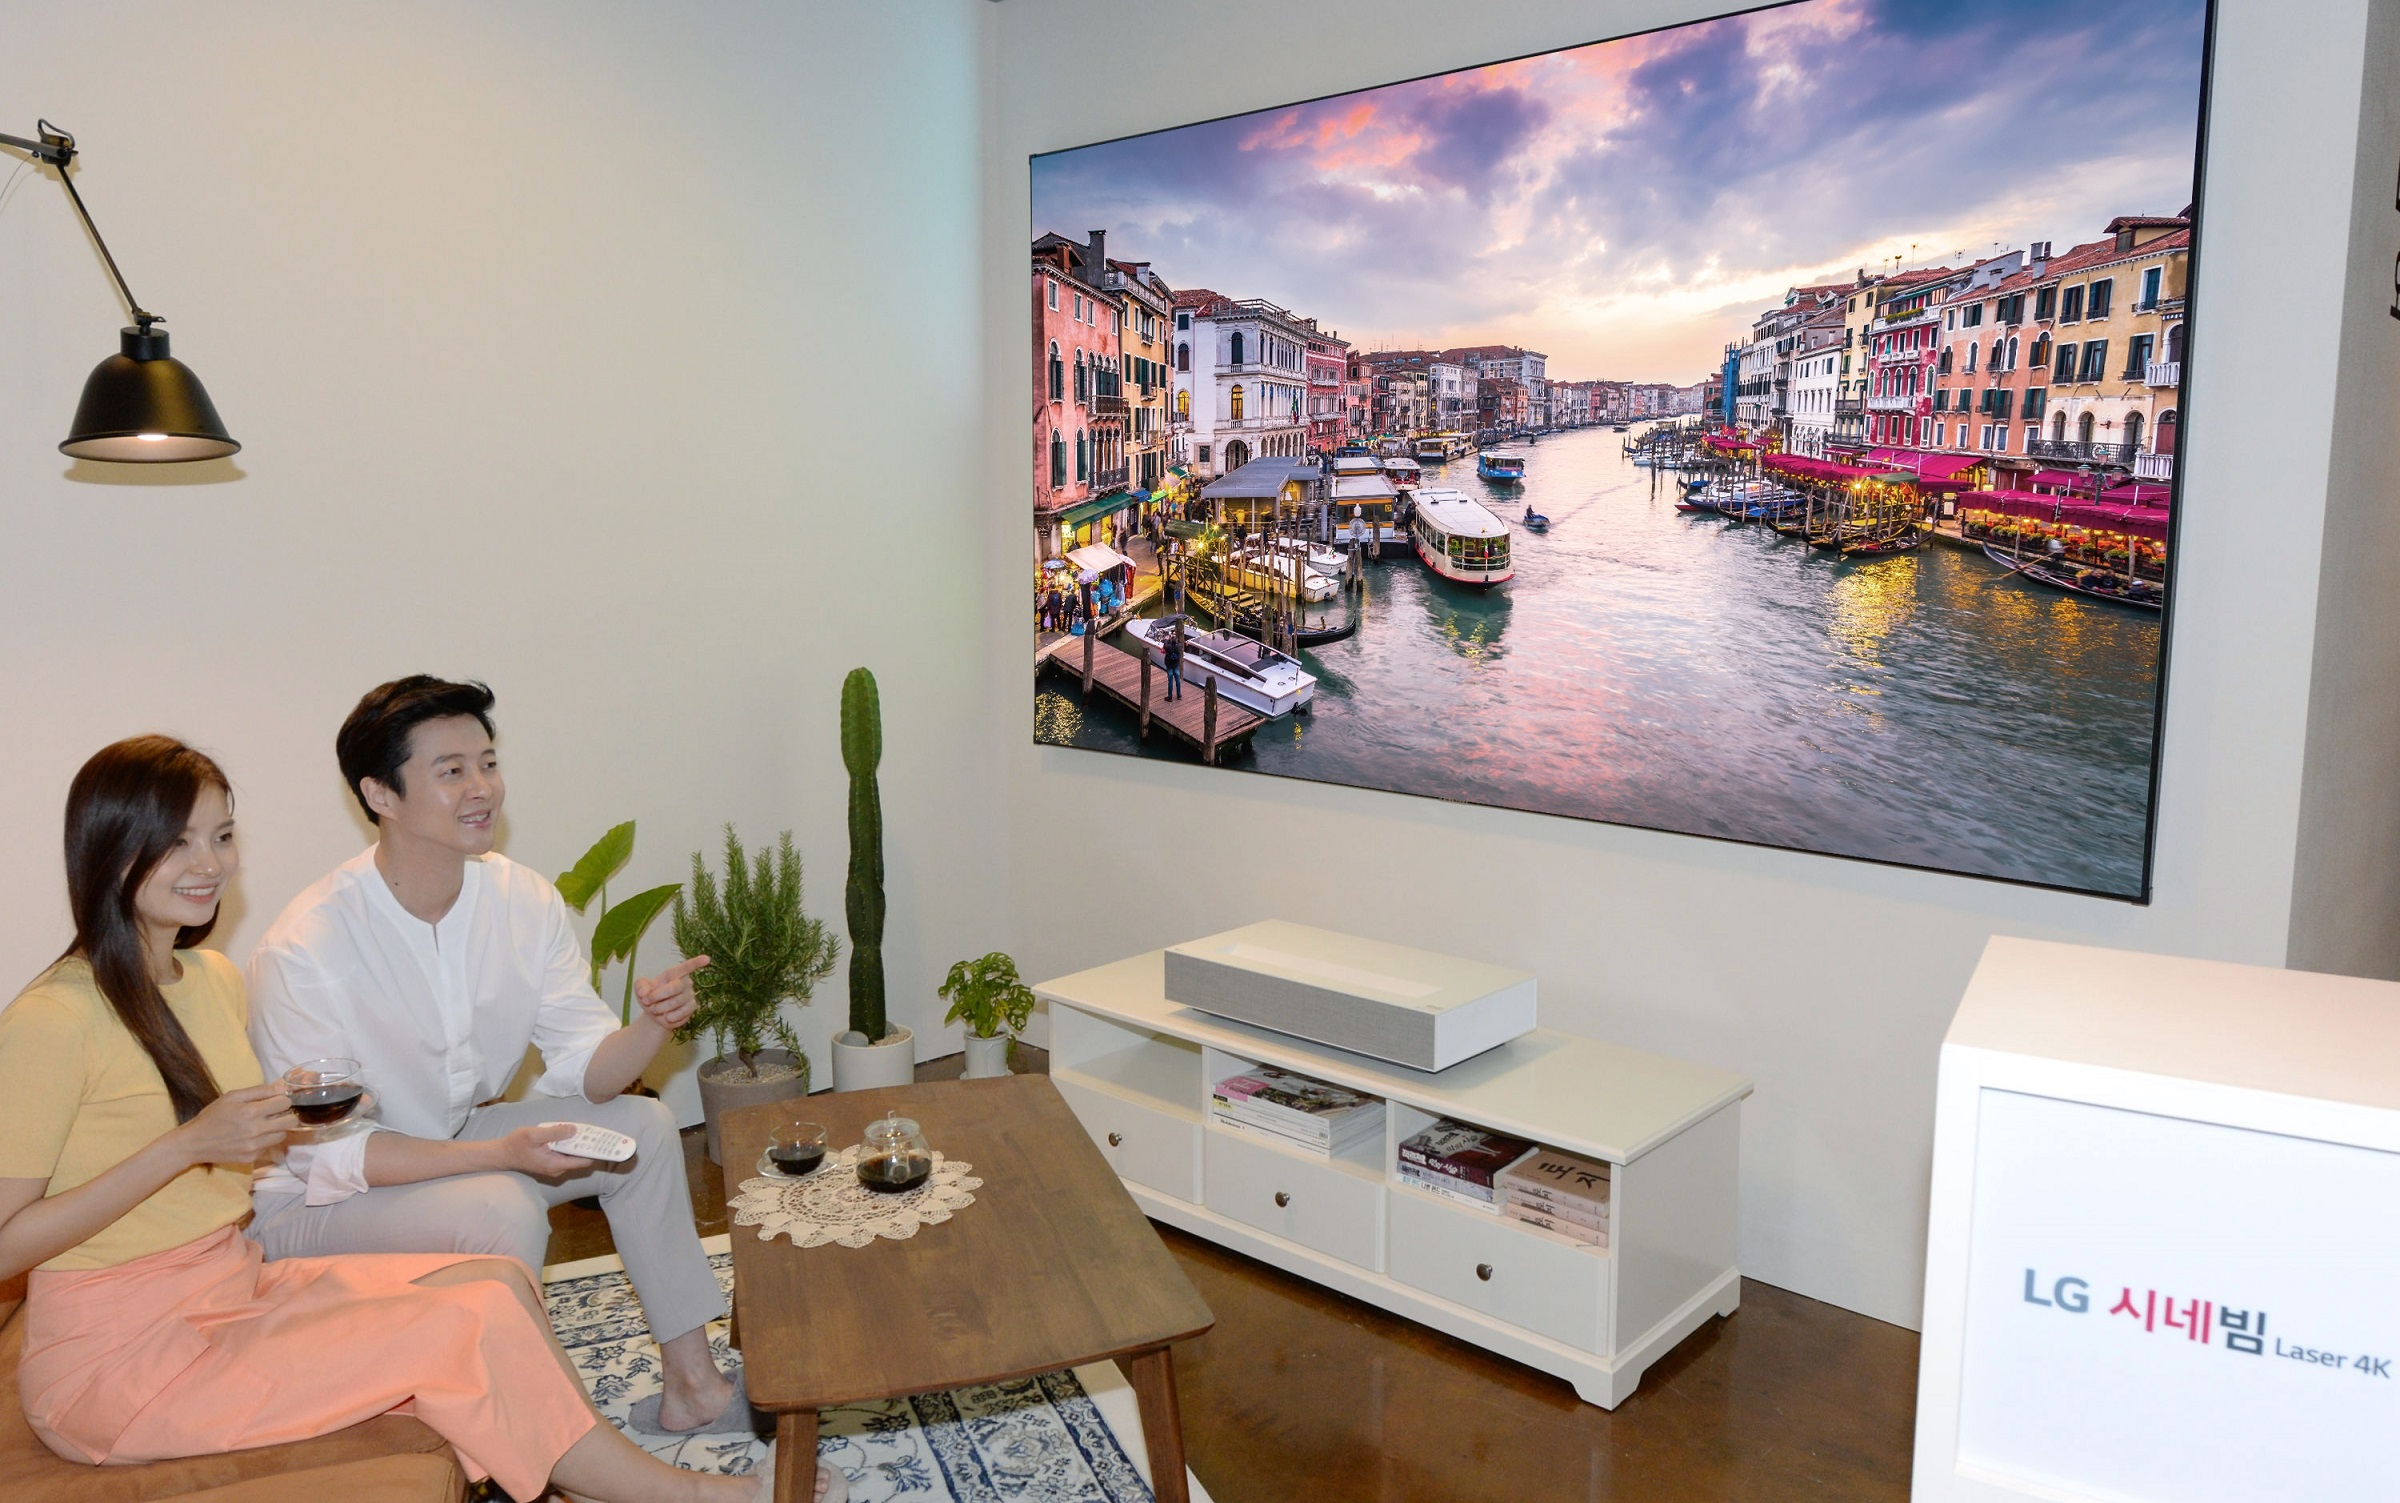 모델들이 스크린과 10cm 거리서 100인치 초대형 화면 구현이 가능한 'LG 시네빔 Laser 4K' 프로젝터(모델명:HU85LA)를 이용해 4K 초고화질 화면을 즐기고 있다.